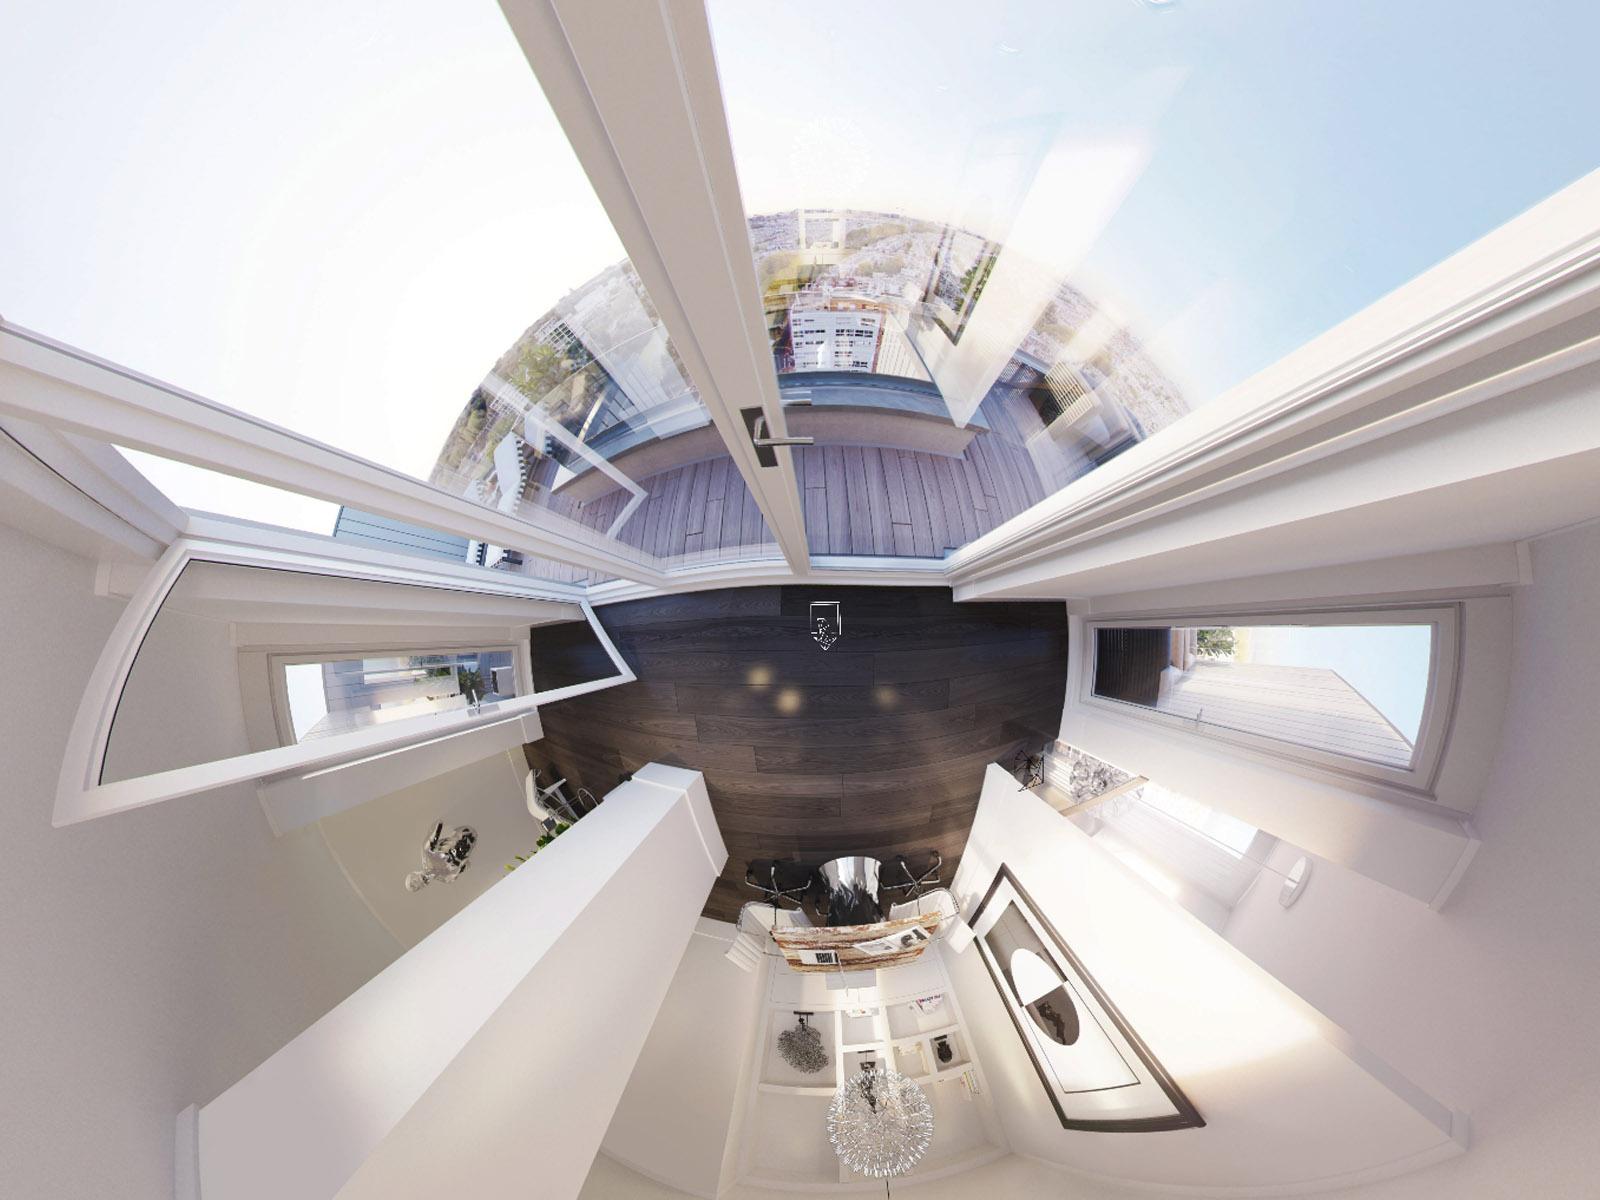 360 graden visualisatie Interieur DWanimations